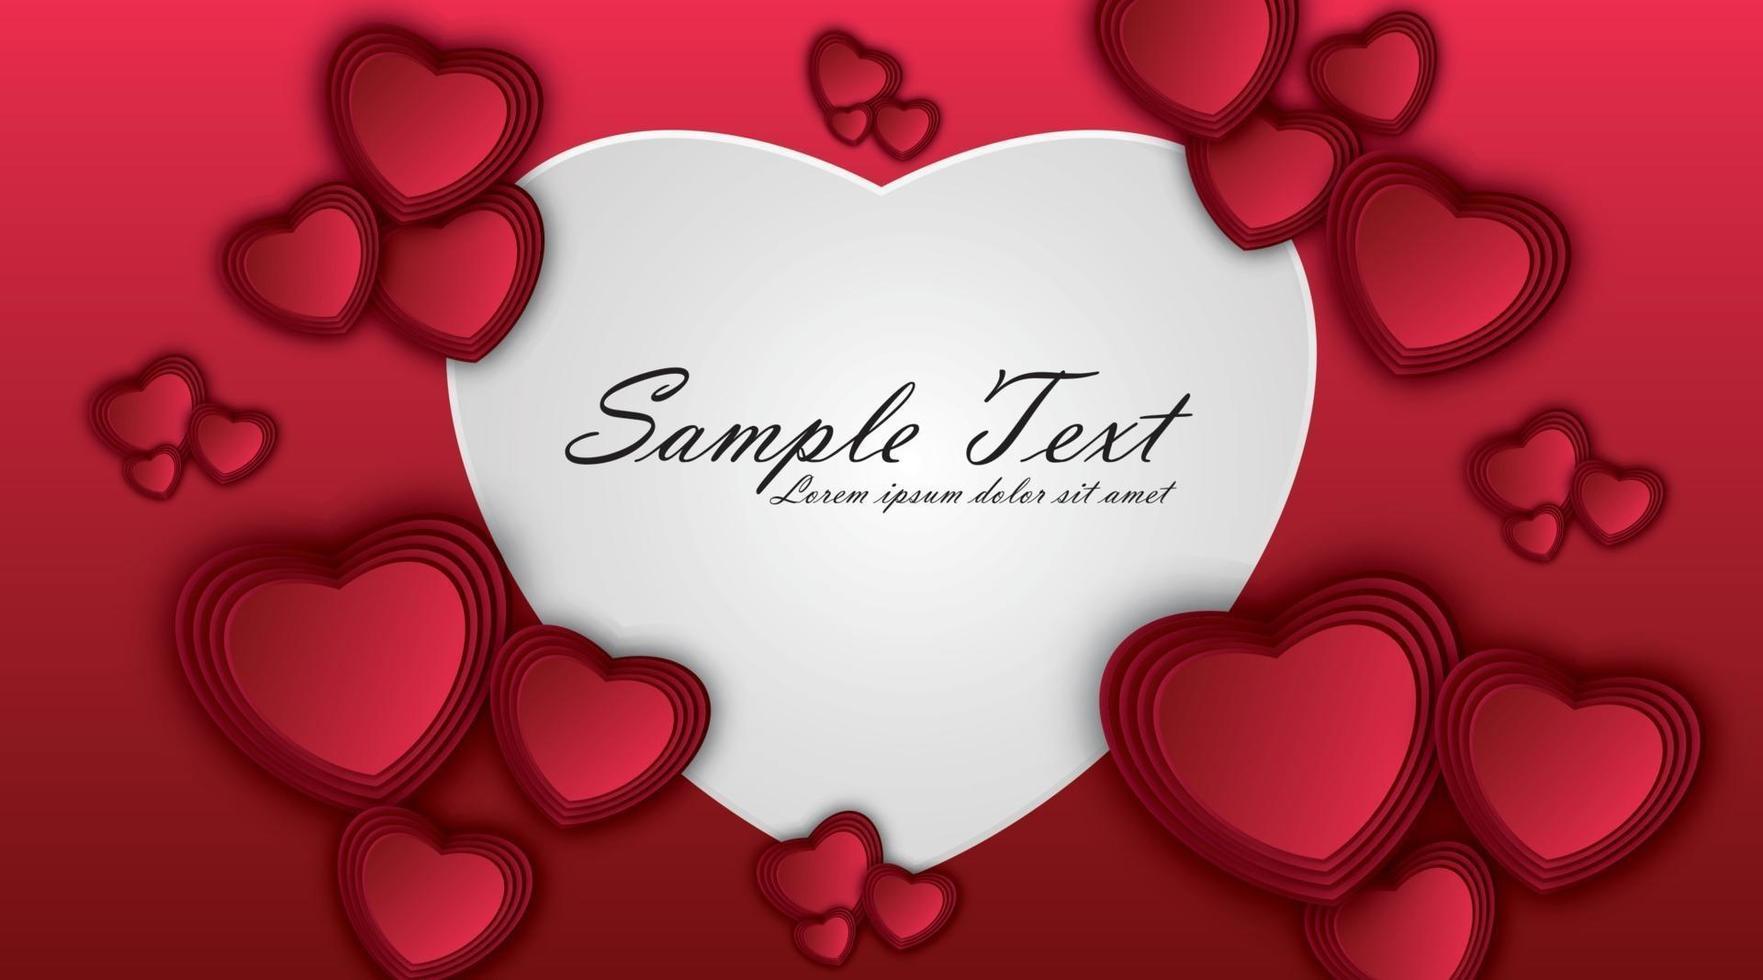 papper hjärtan på röd bakgrund. kärlekssymboler för glad Alla hjärtans dag gratulationskortdesign. vektor illustration.